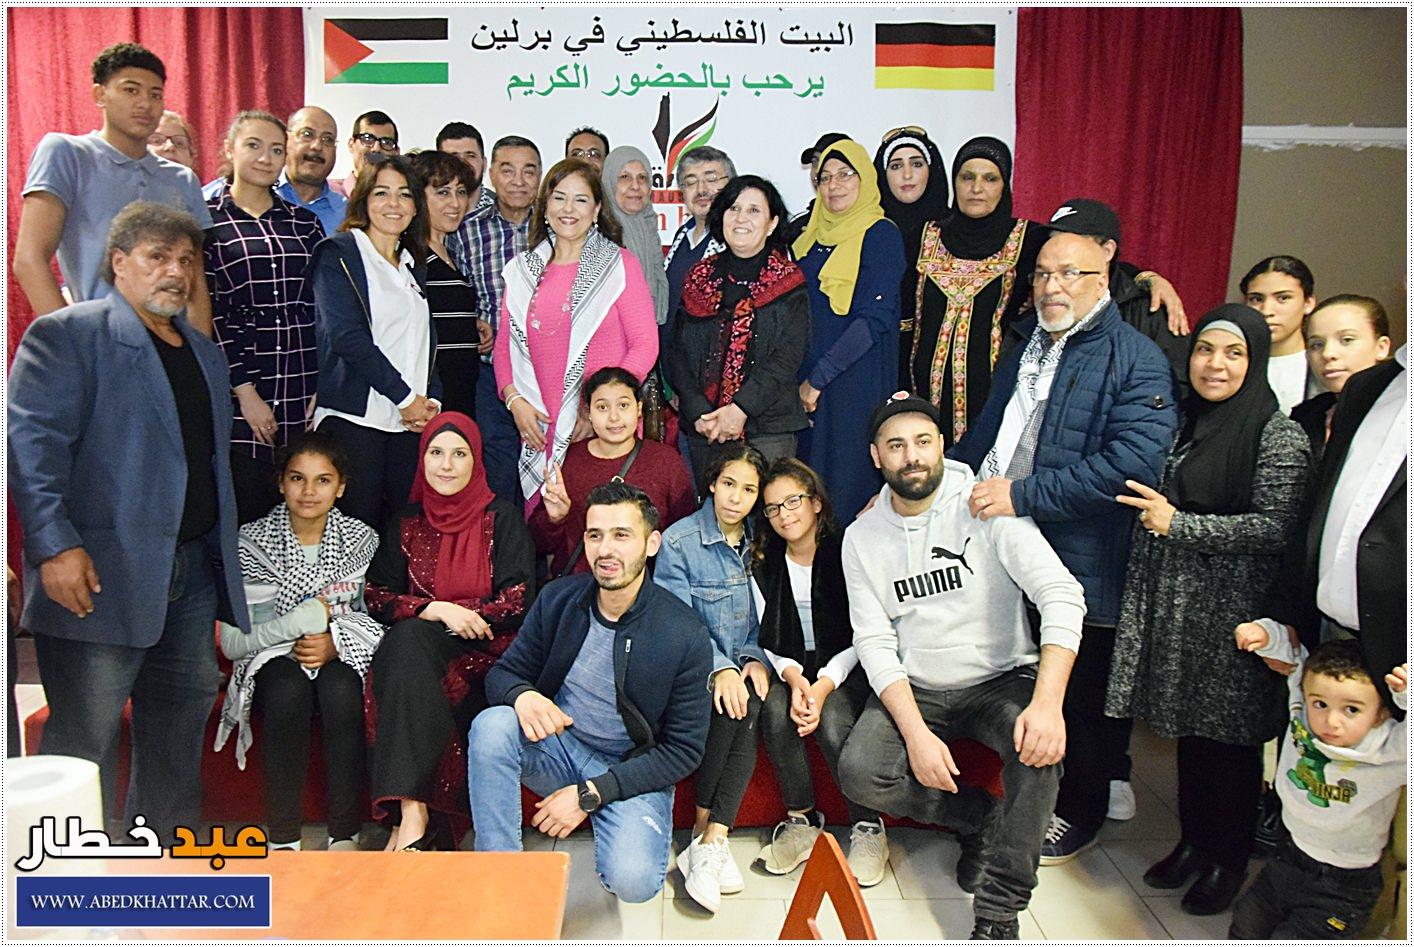 البيت الفلسطيني يقيم مأدبة إفطار جماعي في برلين